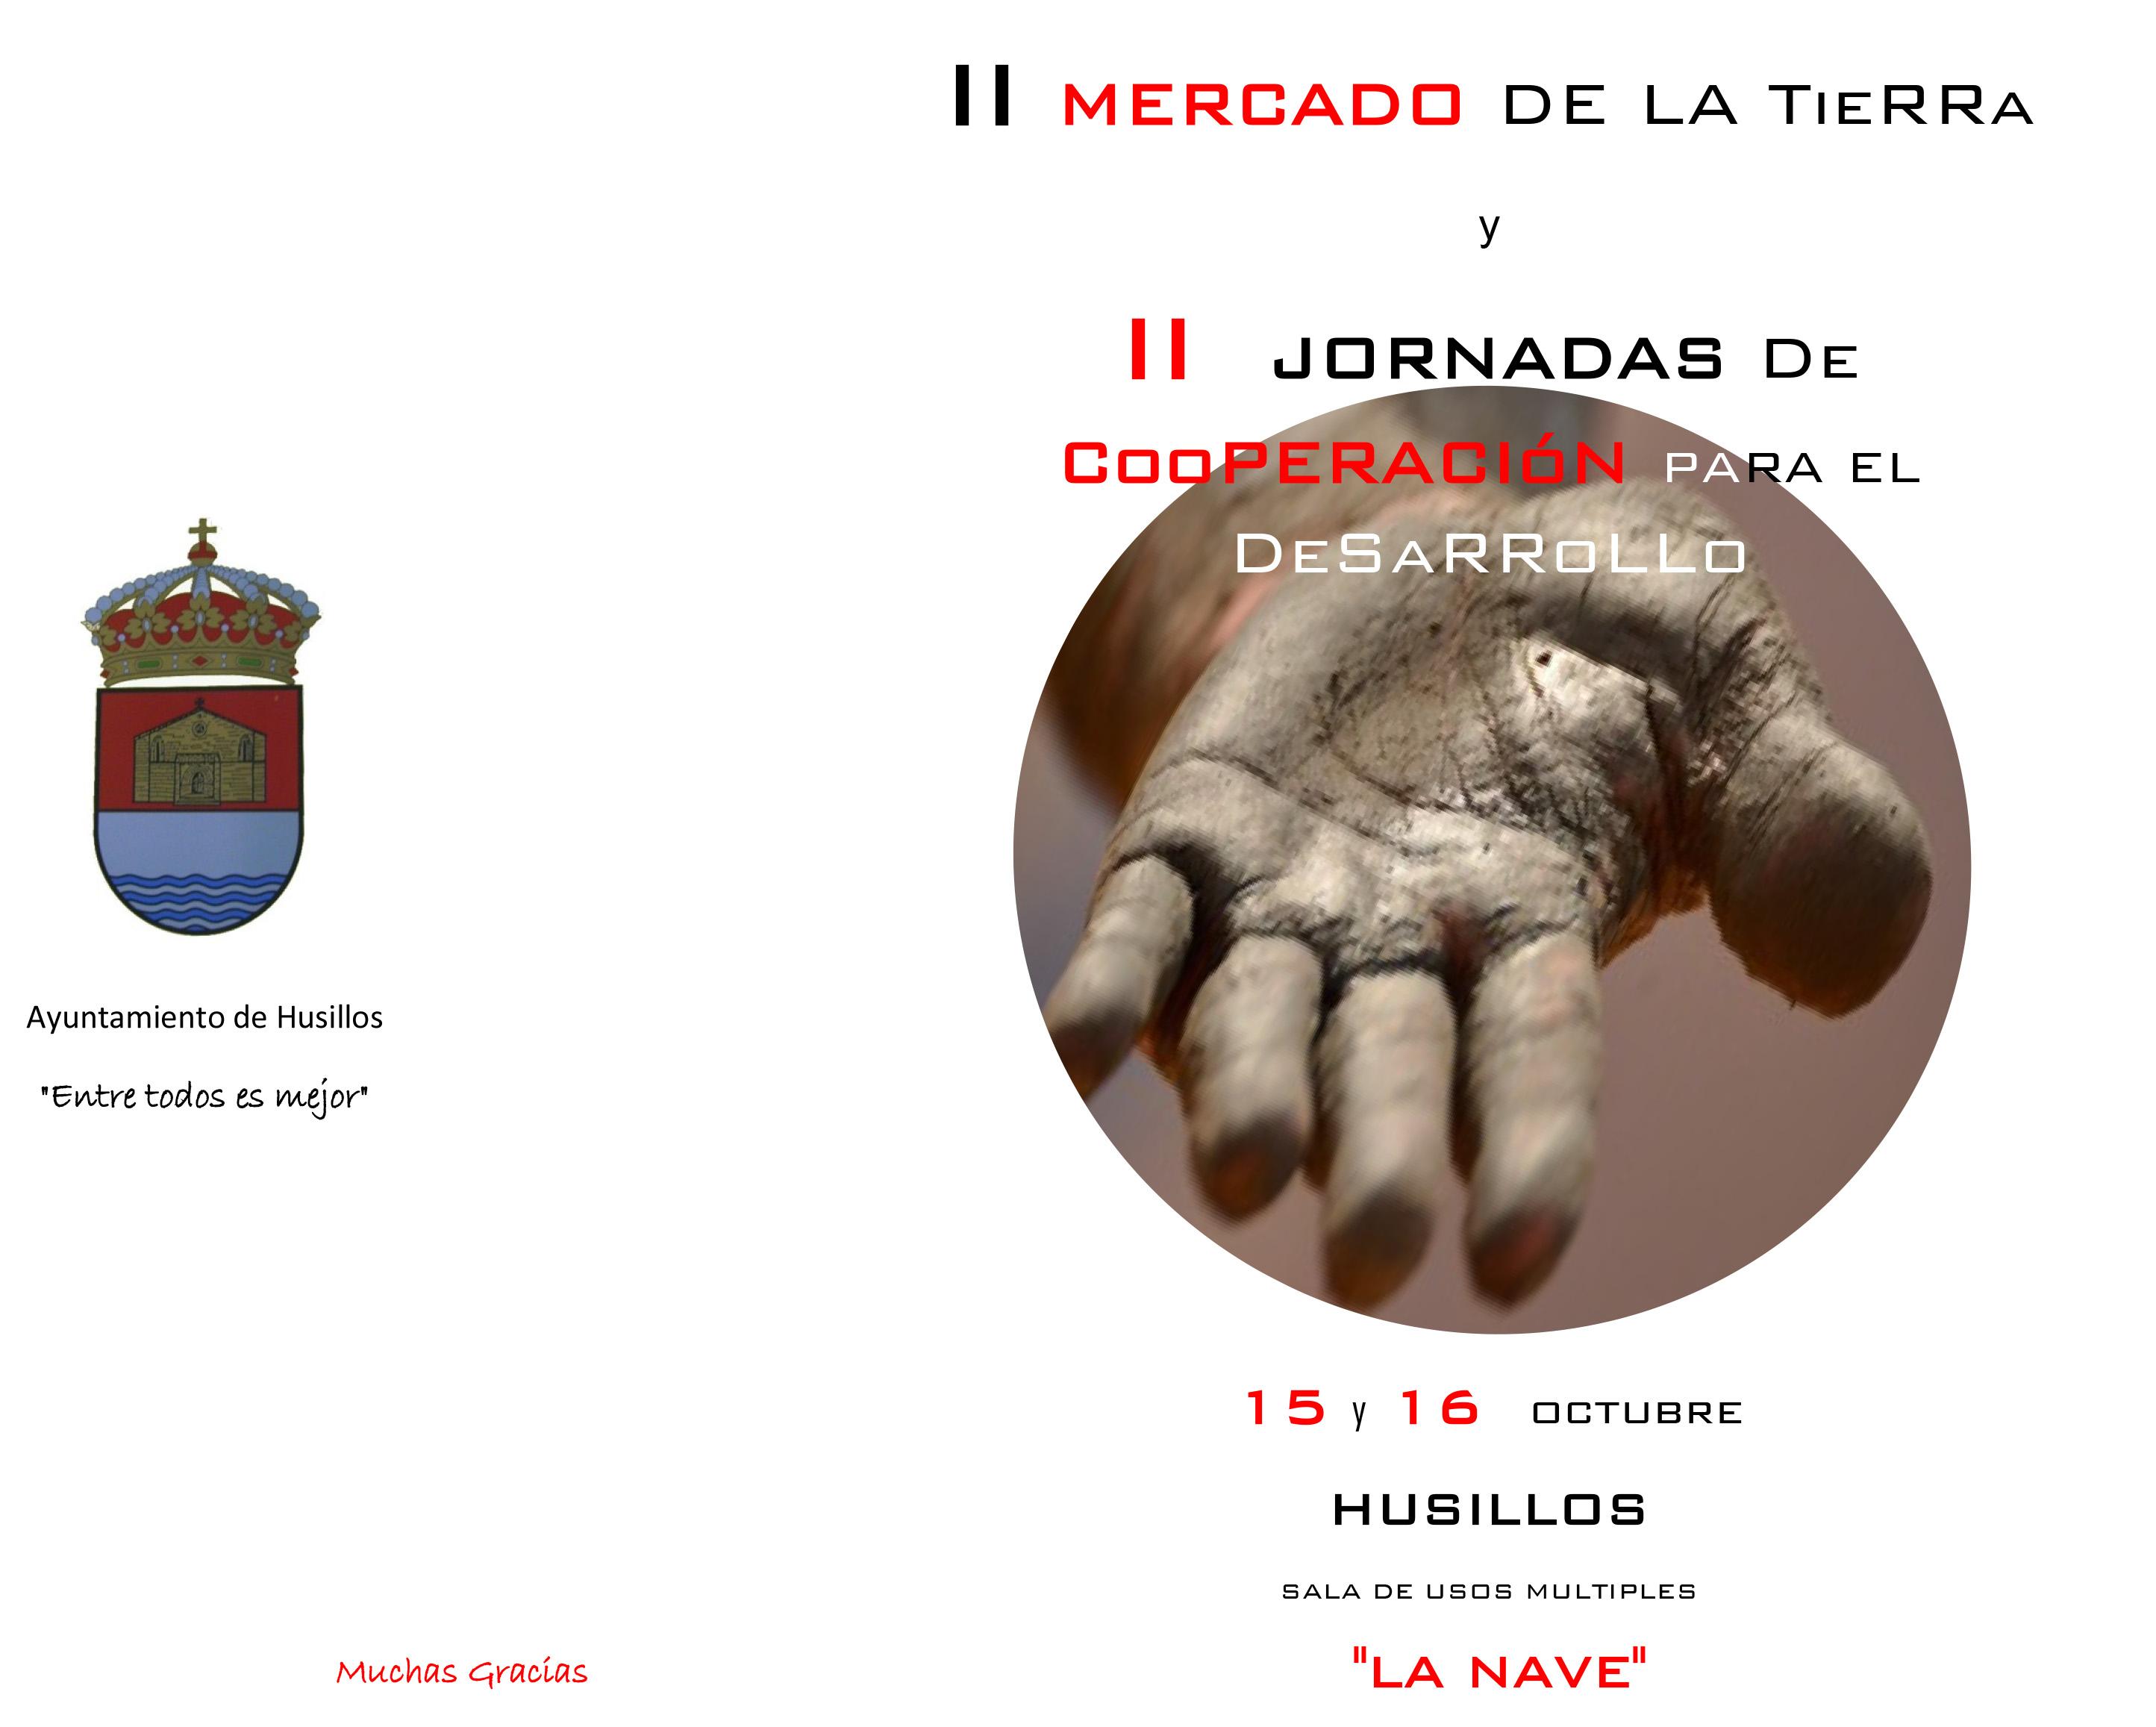 II Mercado de la tierra y II Jornadas de cooperación para el desarrollo